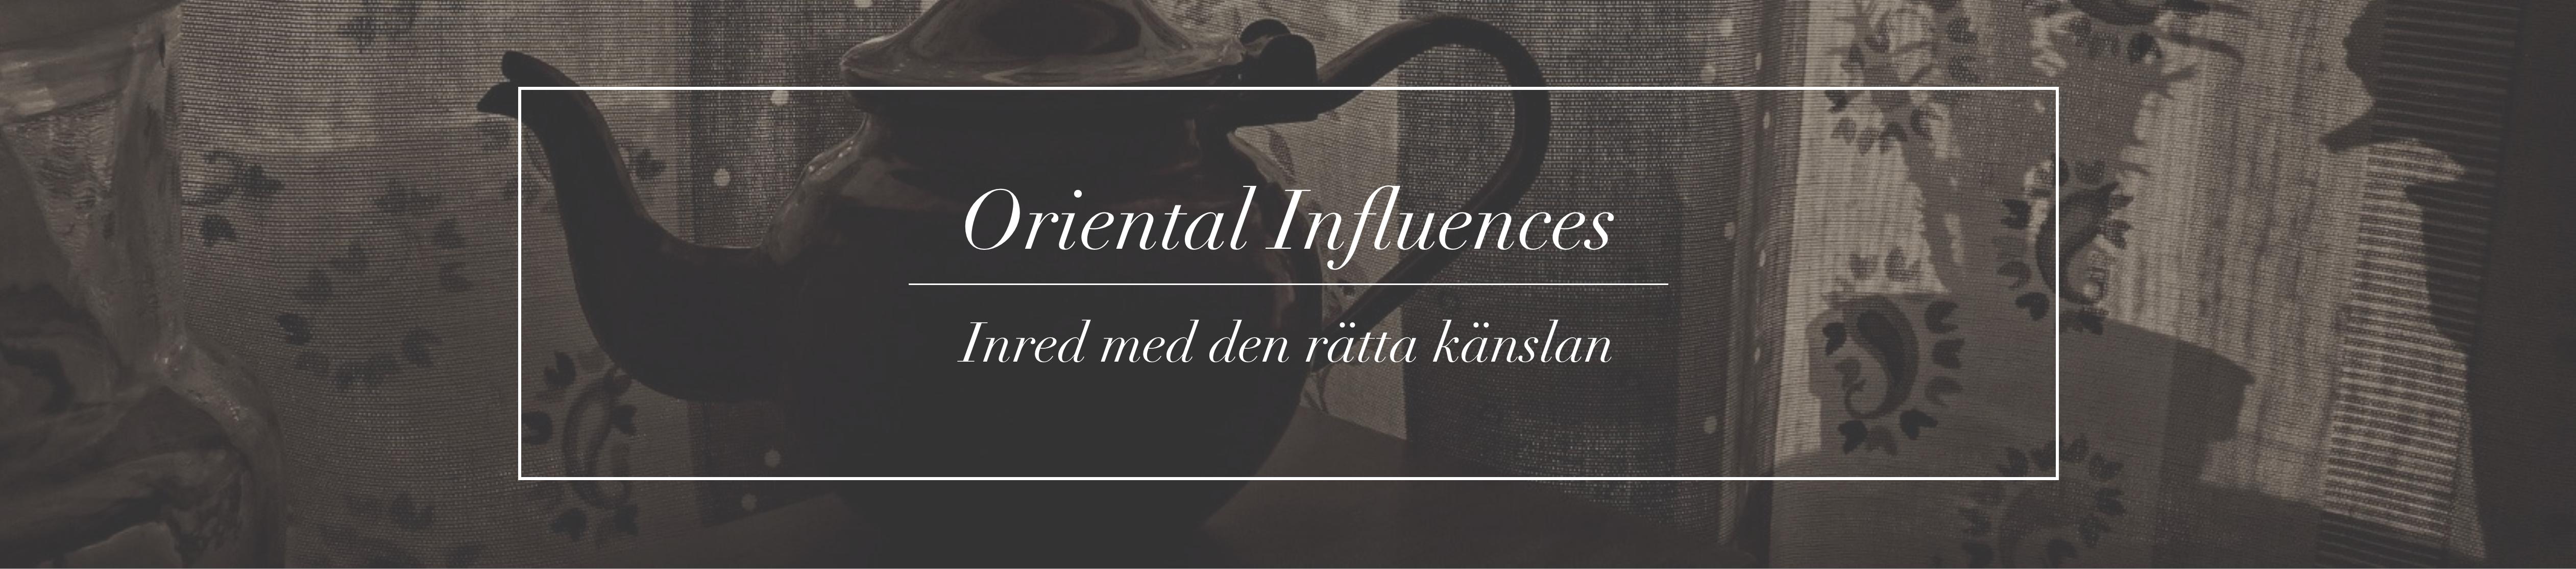 Exklusiv inredning online,Bohemiskt och färgstarkt med boheminan chic- Hetaste trenderna. The Arni Concept